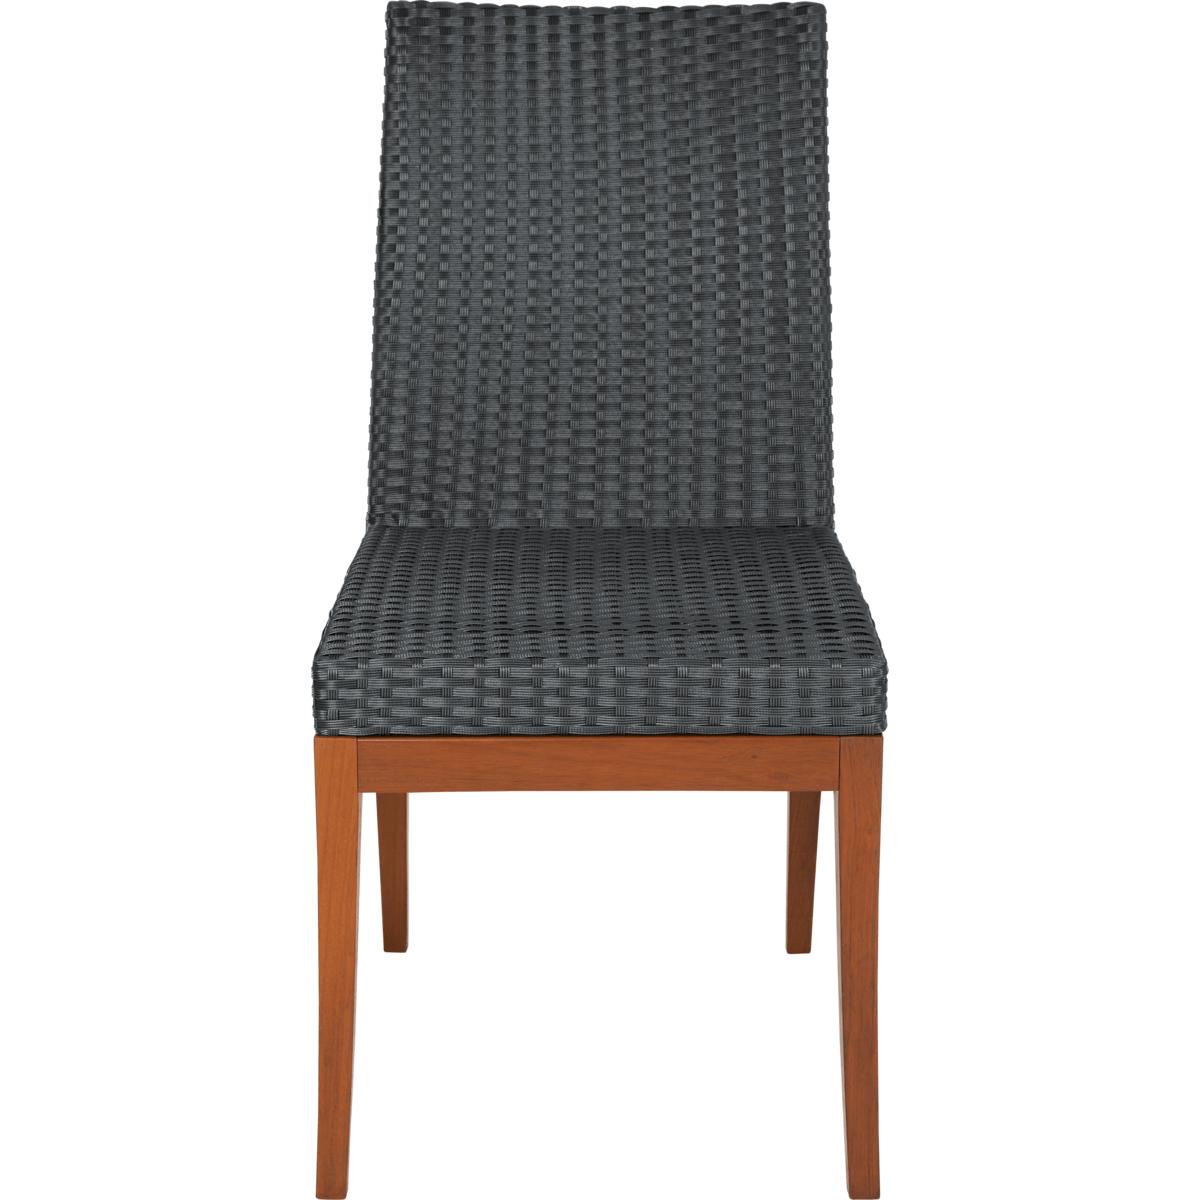 Cadeira de Madeira Tramontina em Jatobá sem Braços com Estofado Preto em Fibra Sintética de Polietileno